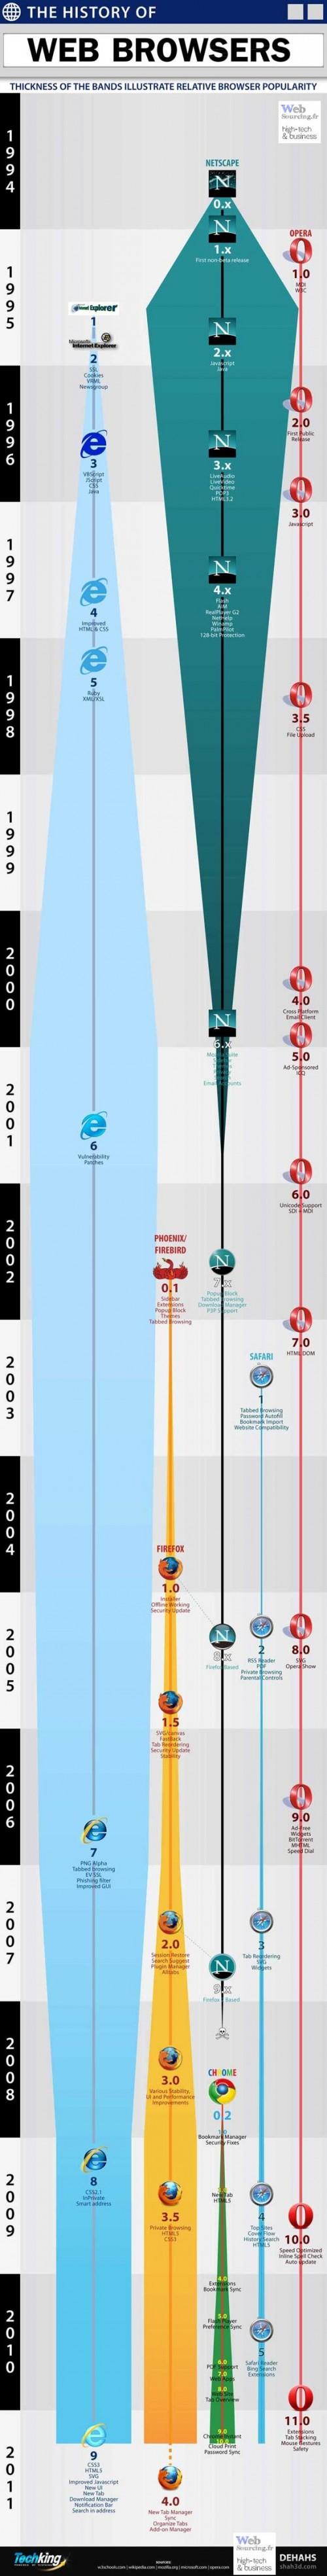 histoire des navigateurs